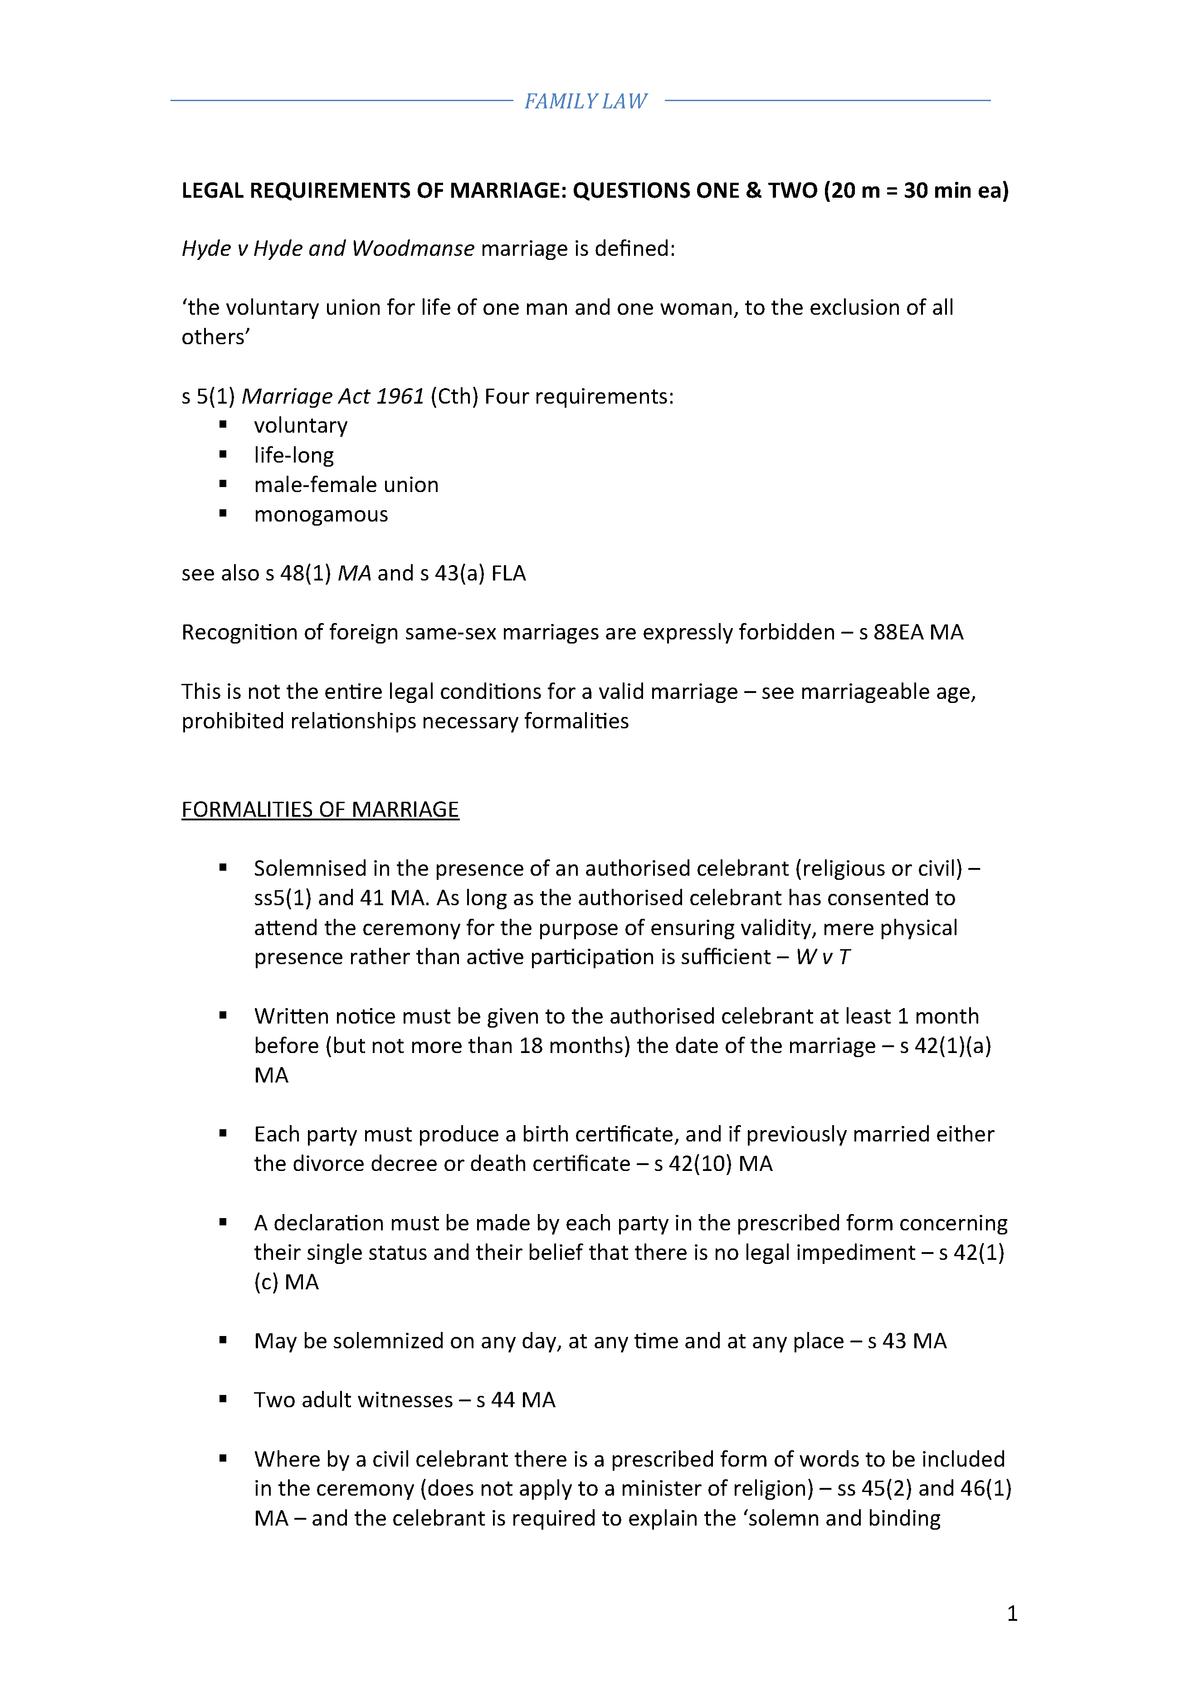 Summary exam Notes - Family Law BLB3136 - StuDocu